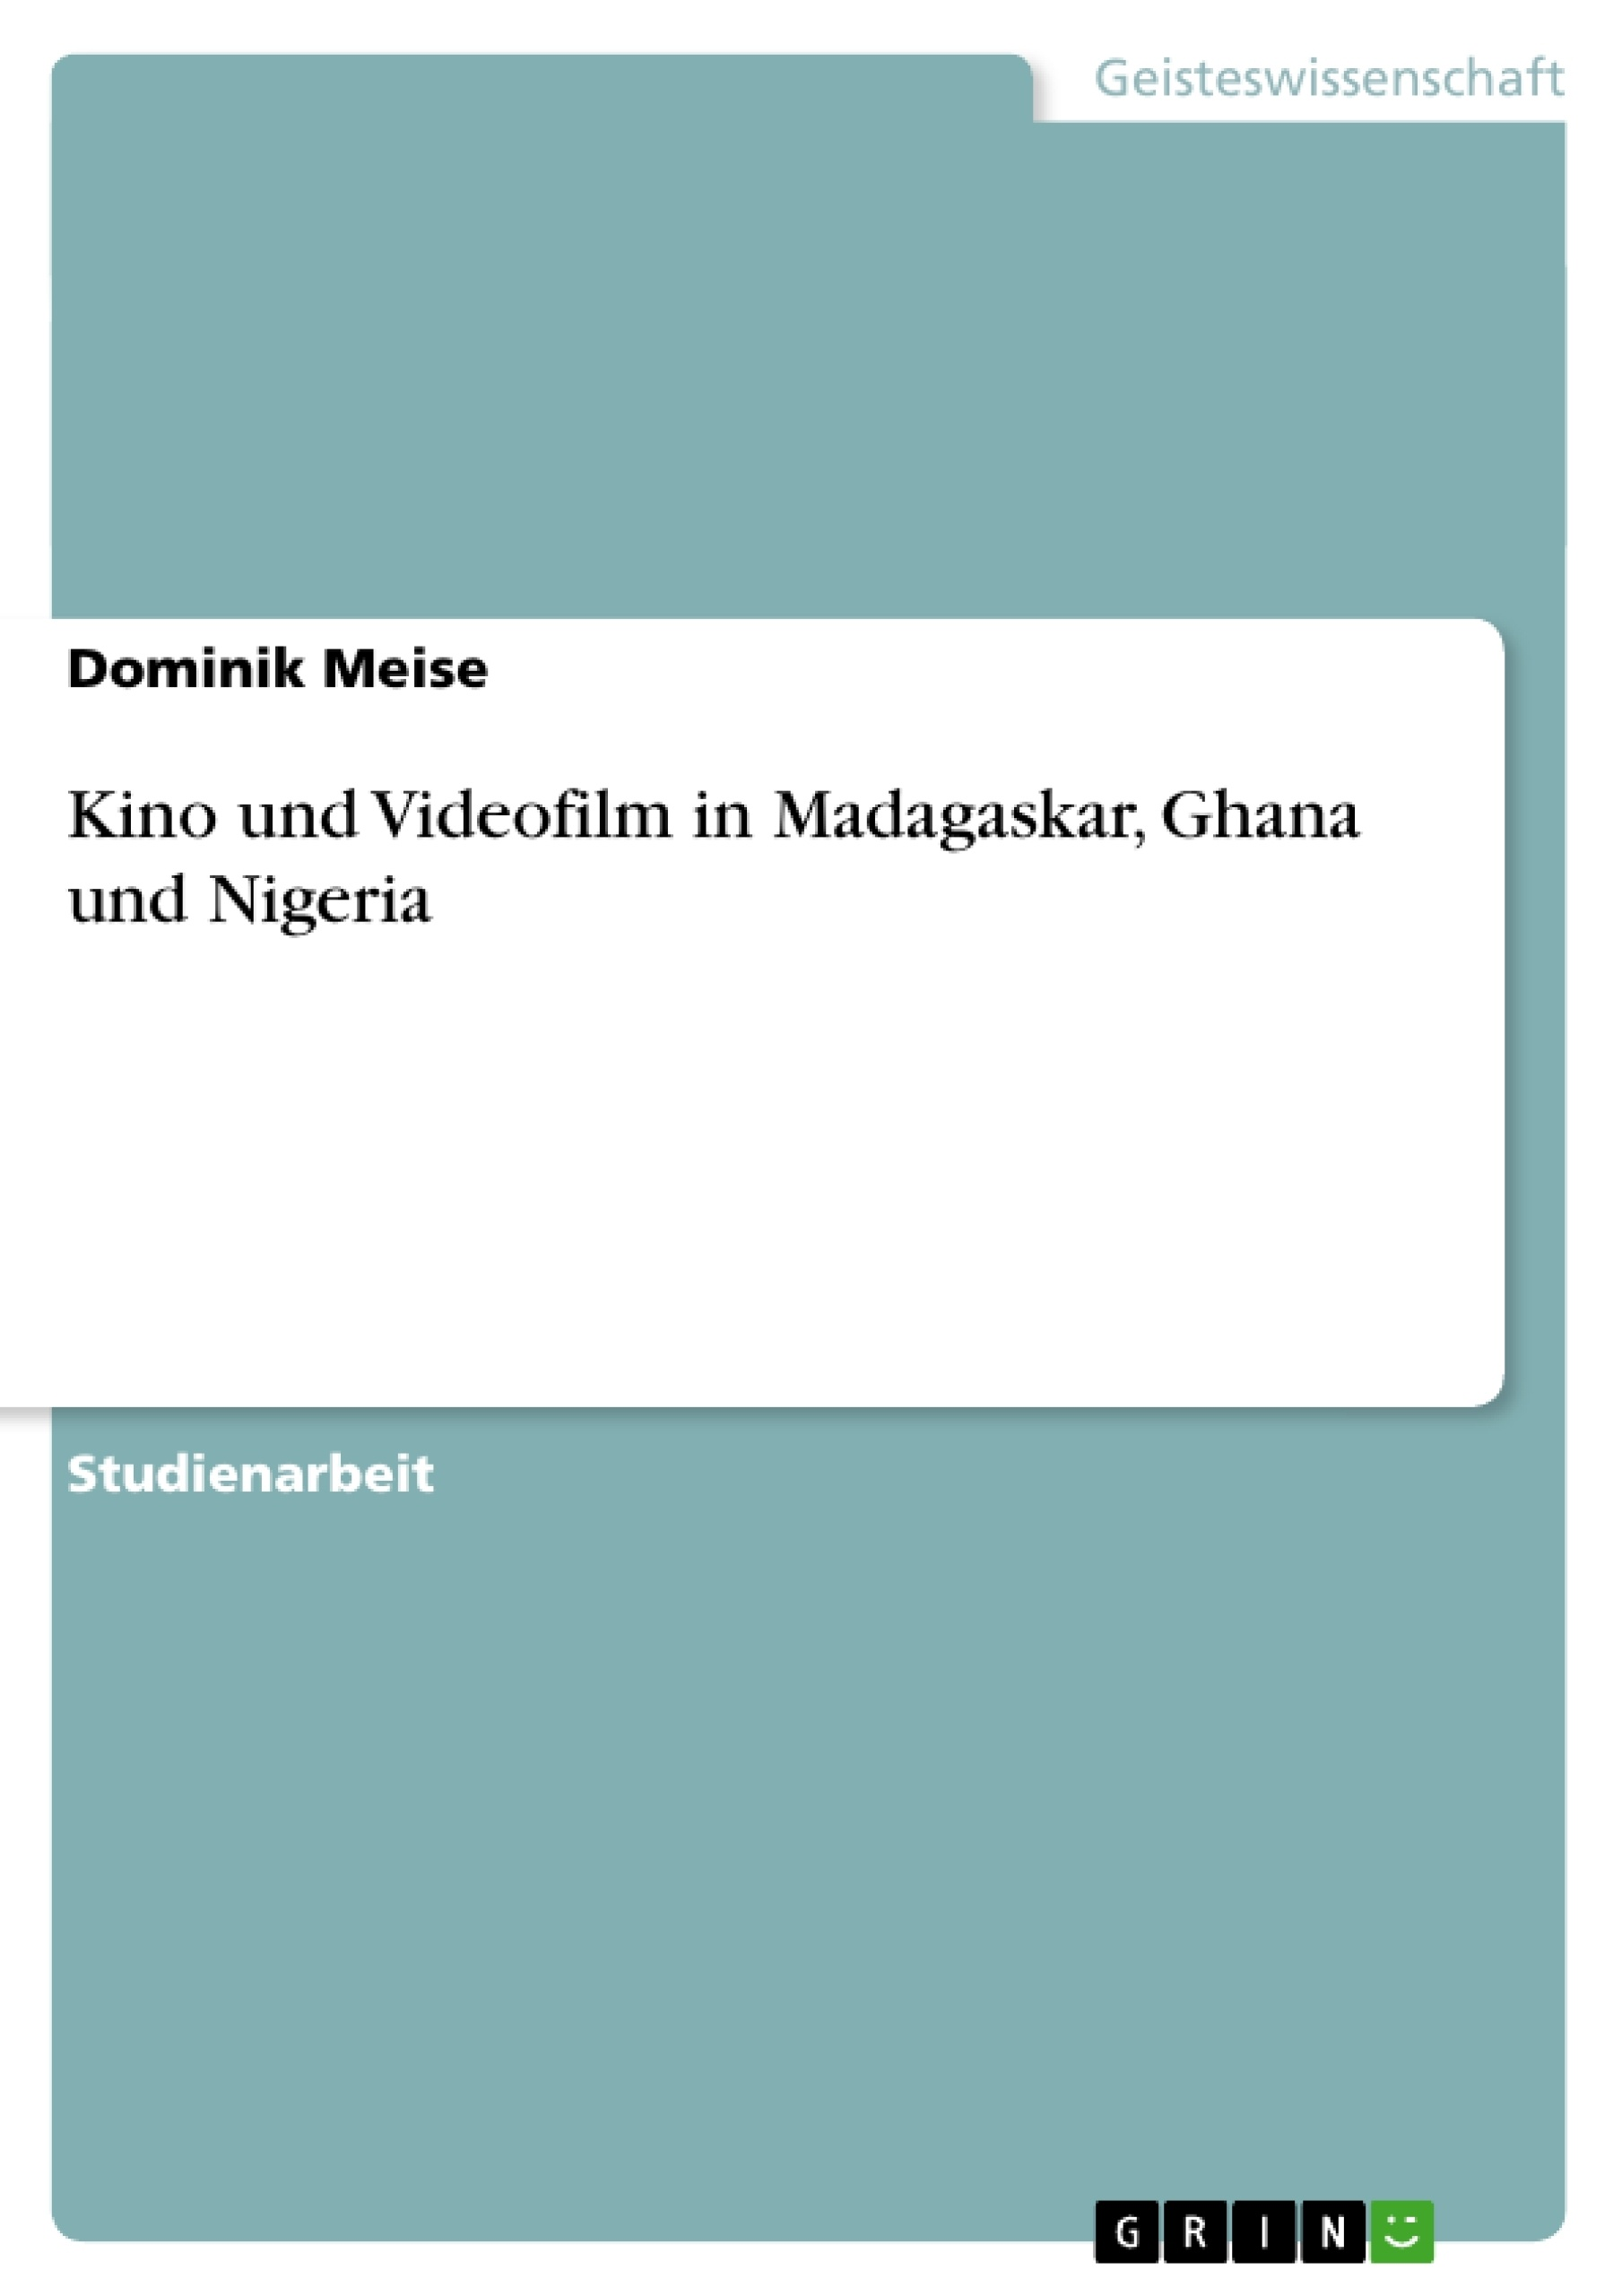 Titel: Kino und Videofilm in Madagaskar, Ghana und Nigeria